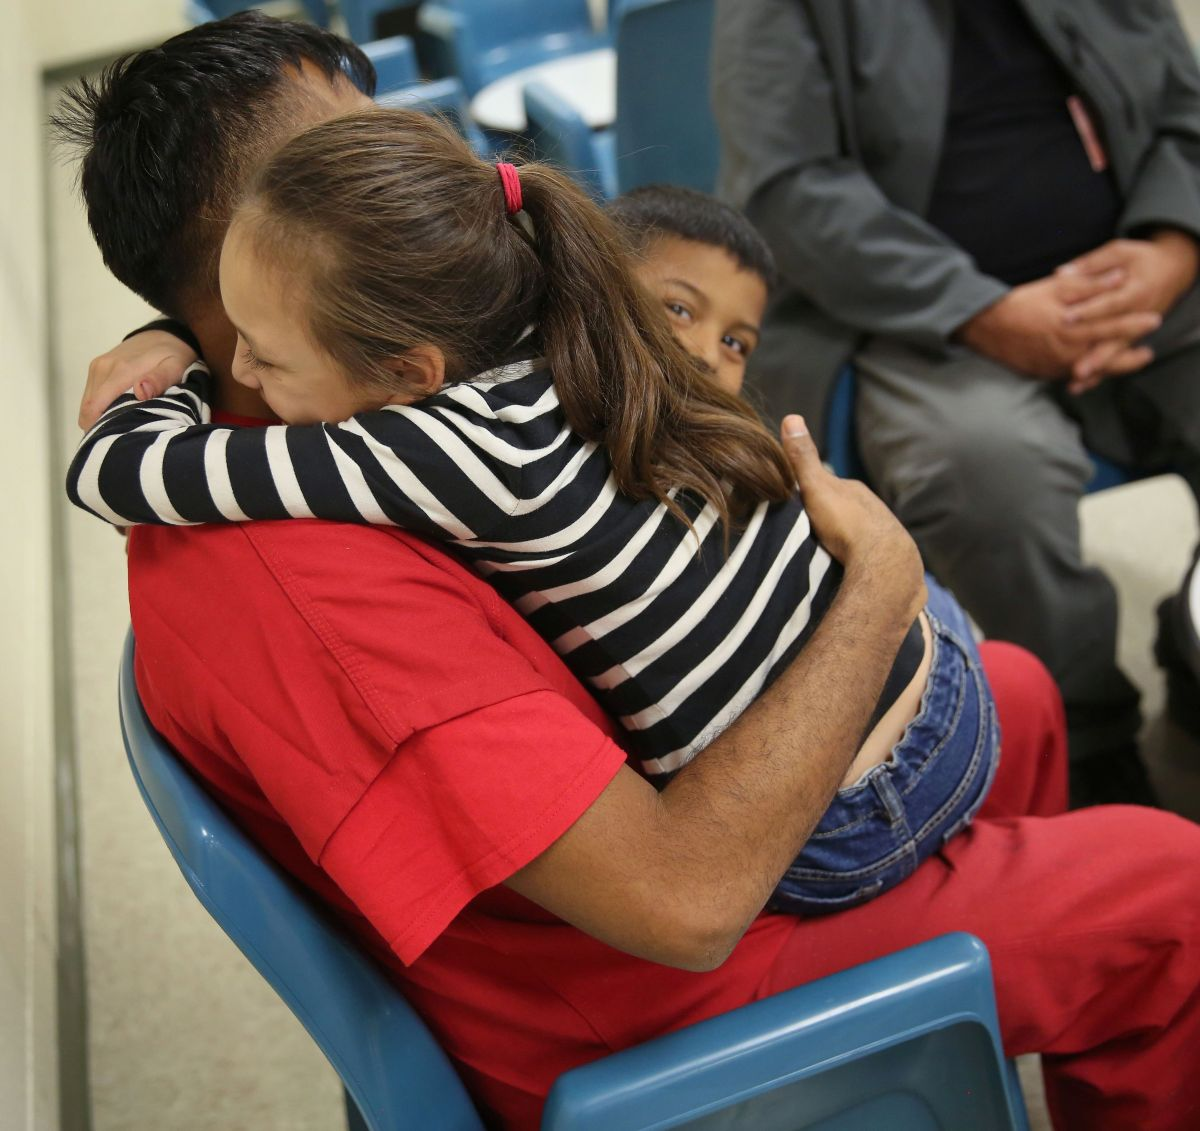 Eric Lara: el caso de un niño que no entiende por qué deportan a su padre